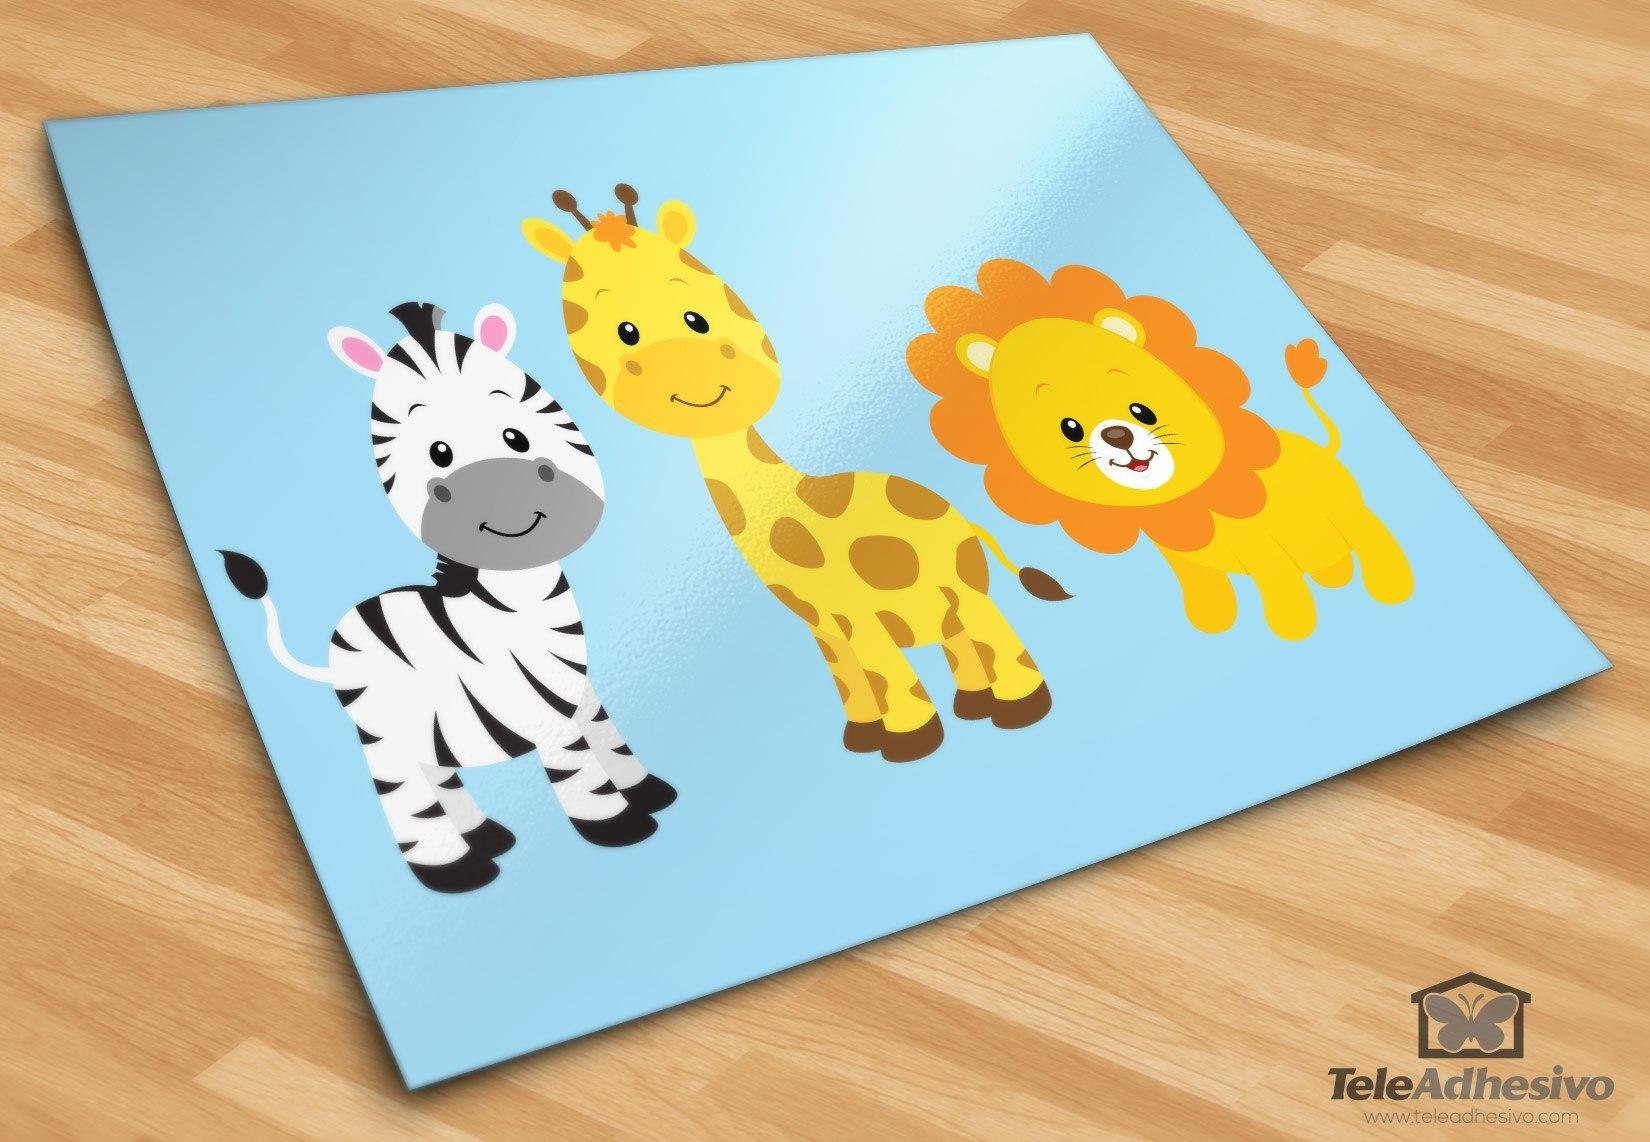 Kinderzimmer Wandtattoo: Safari Zebras, Giraffen und Löwen